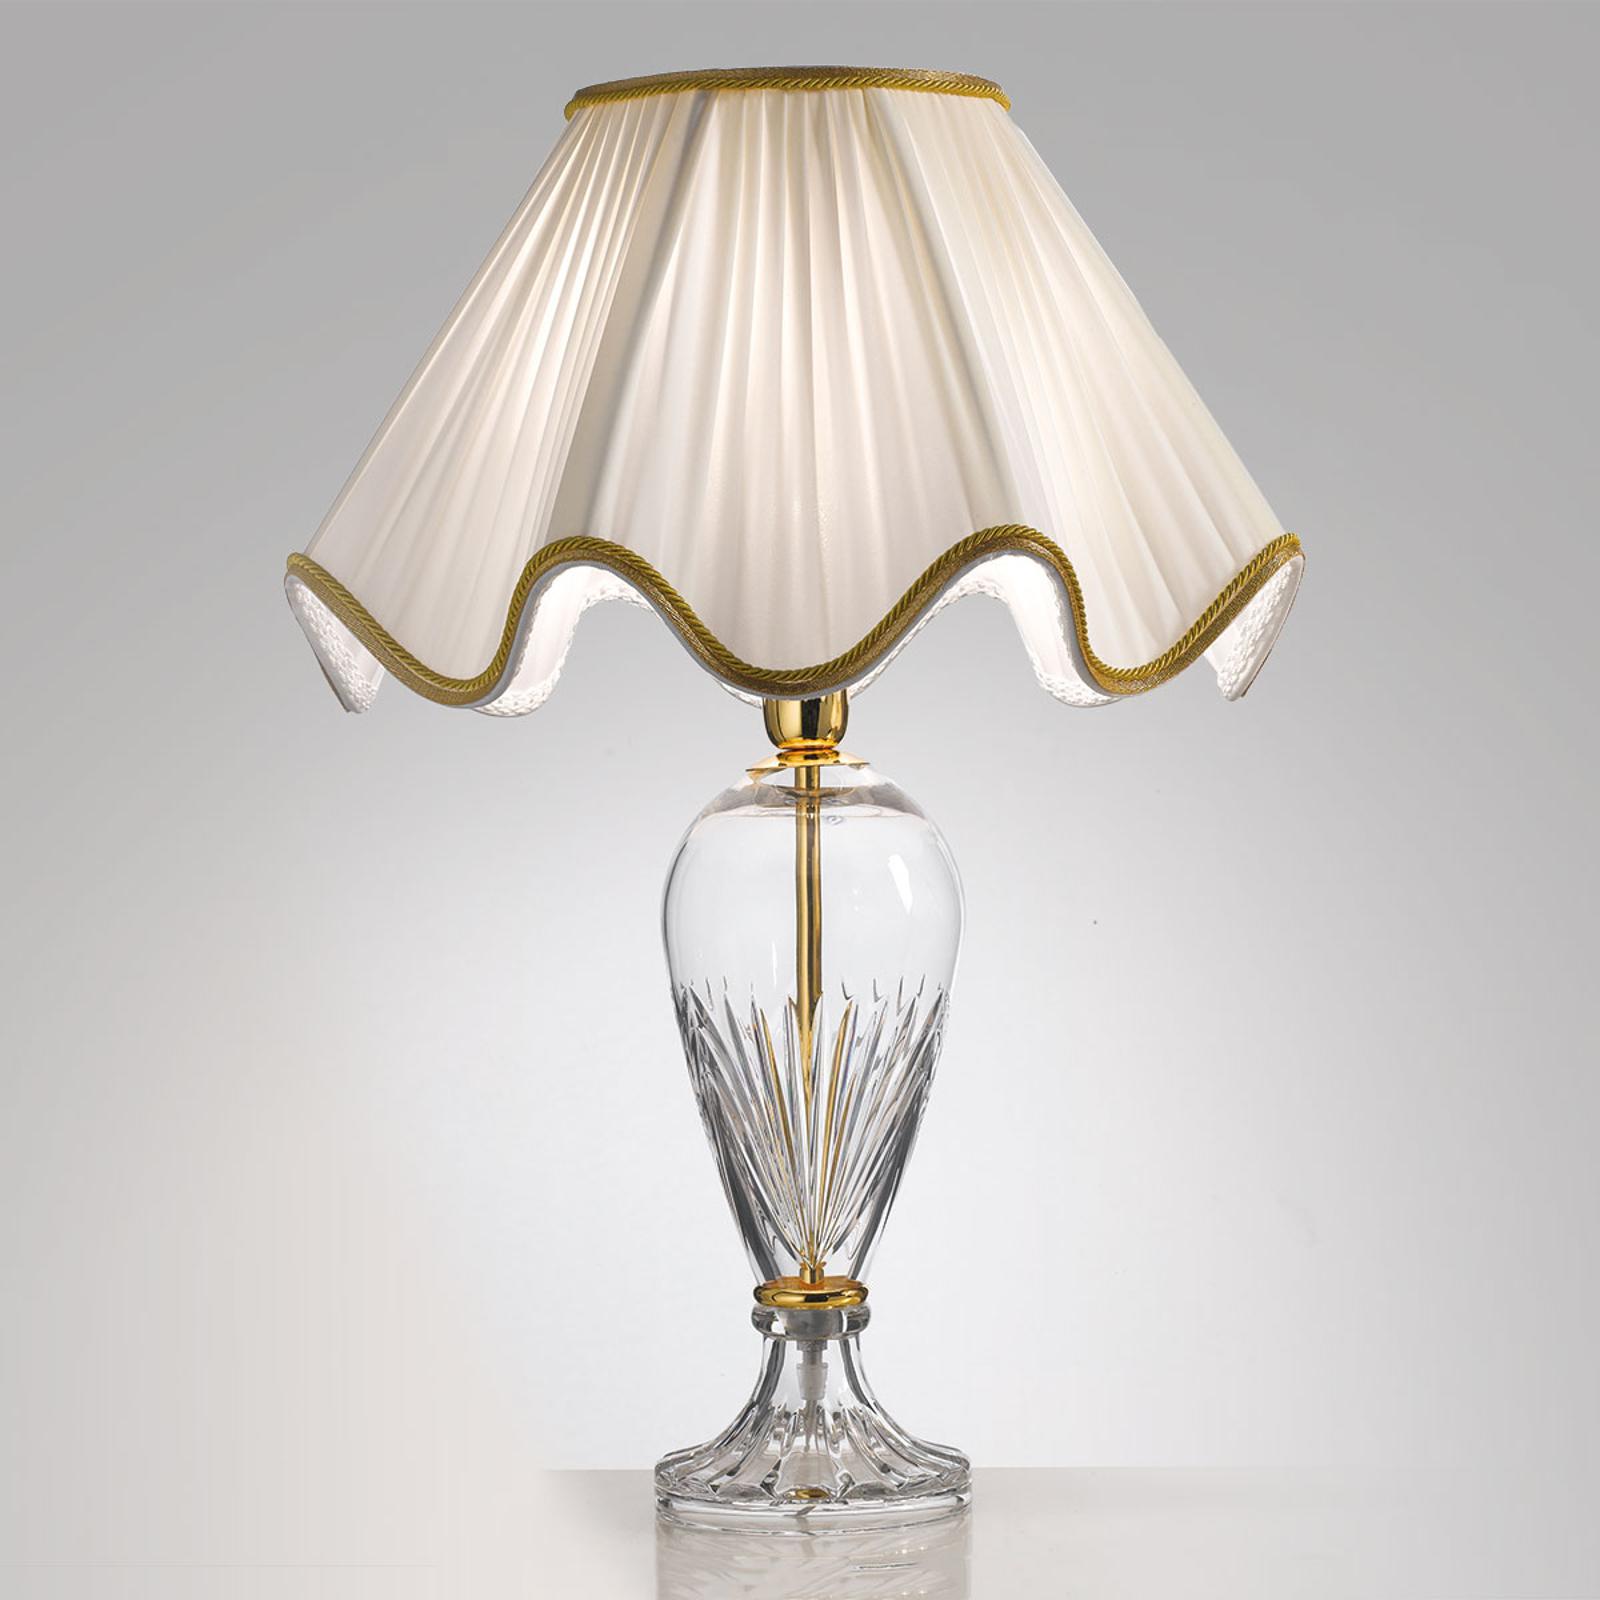 Tischleuchte Belle Epoque, 50 cm gold